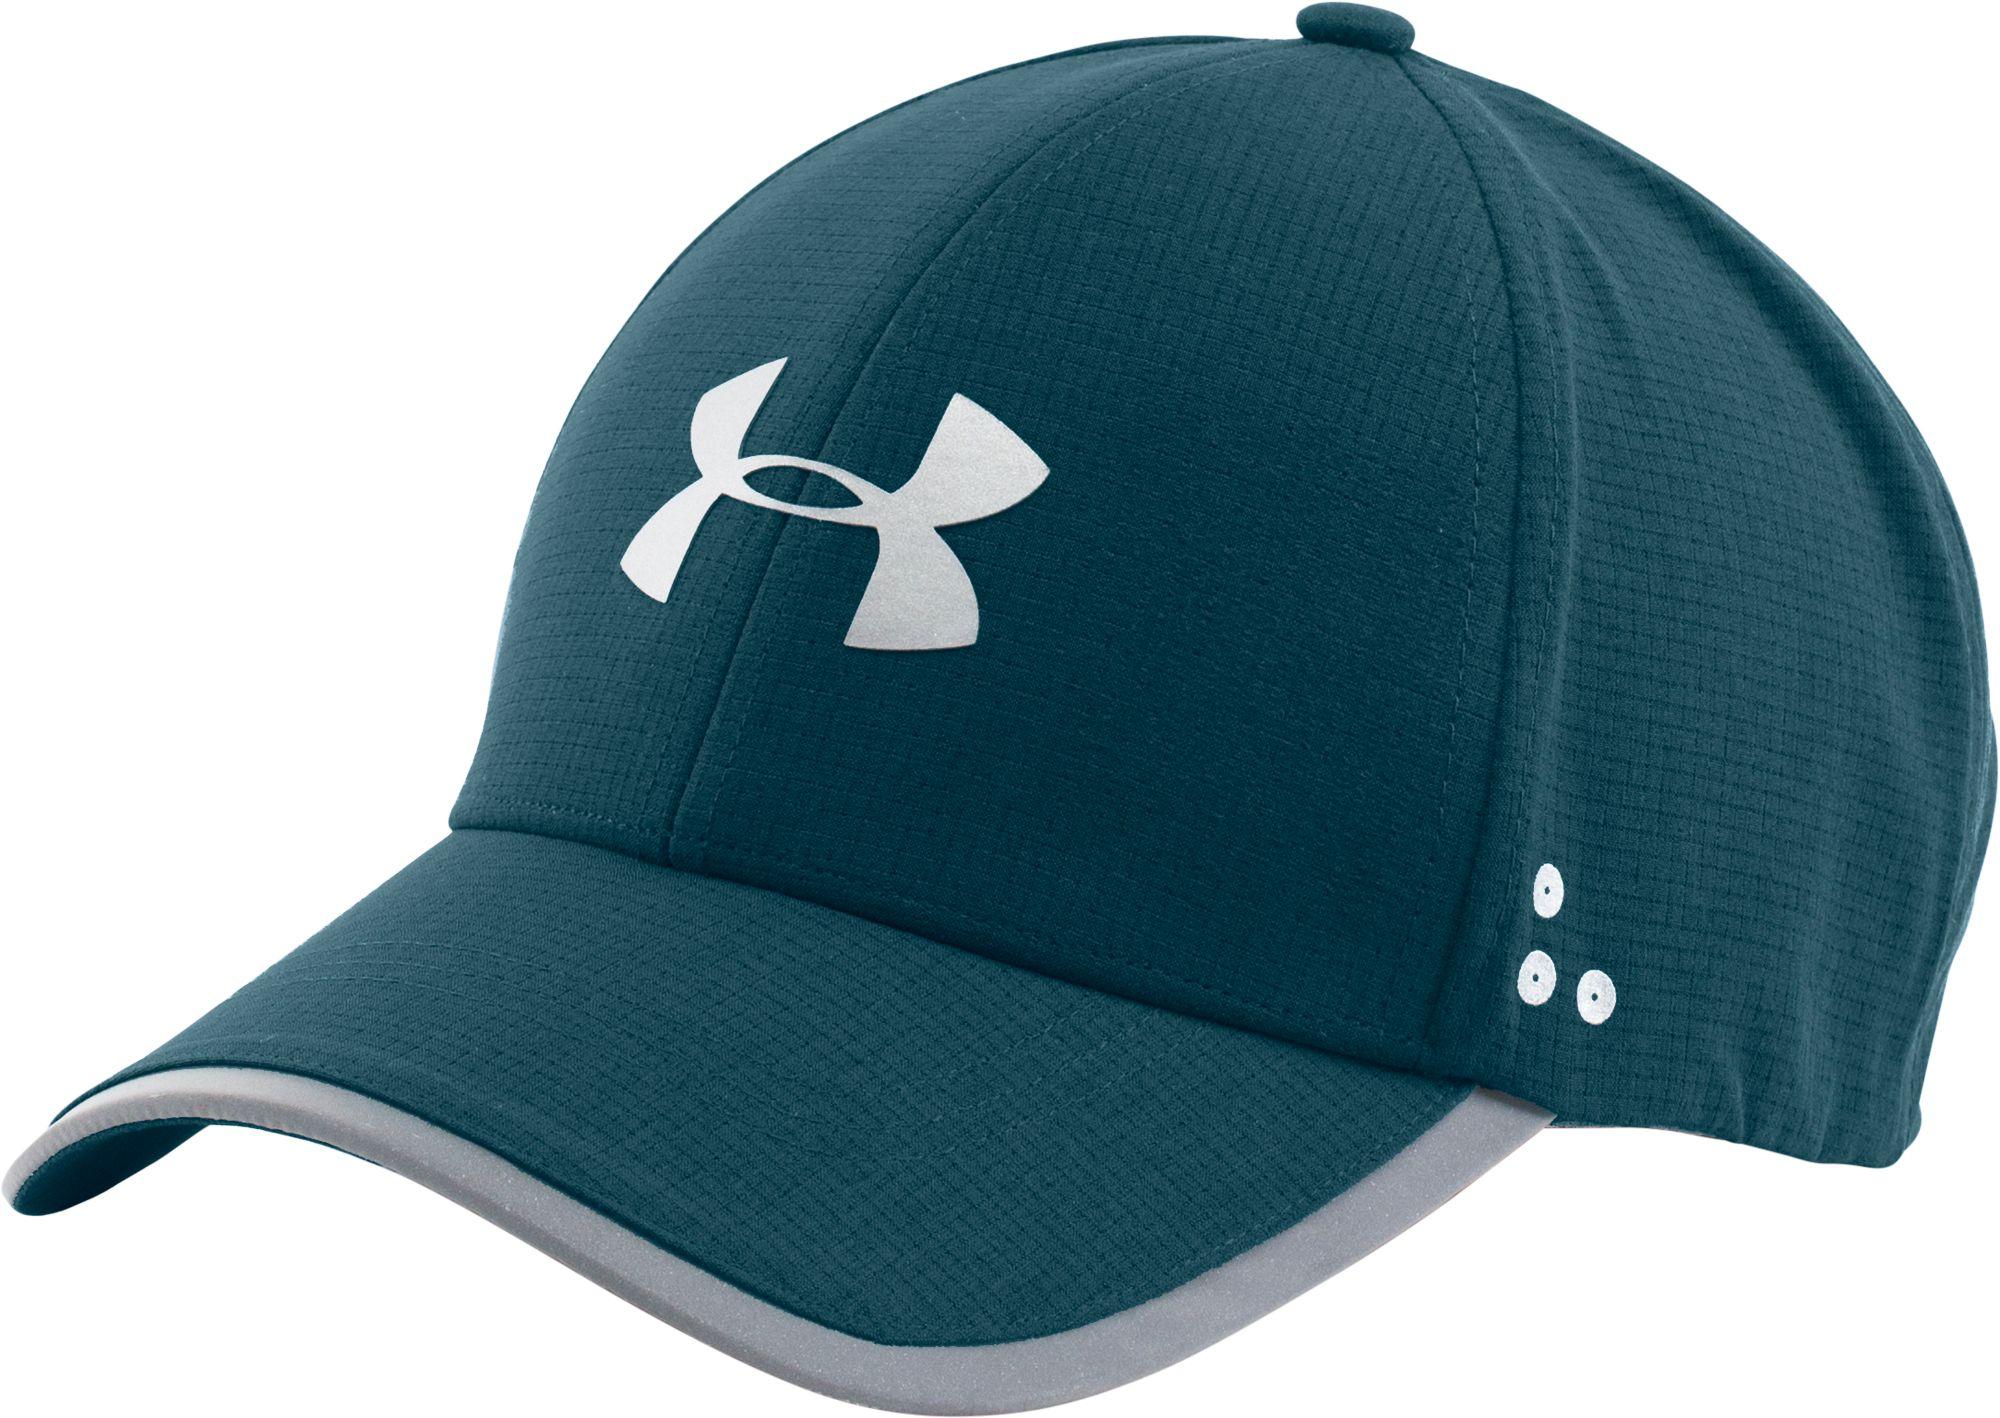 ... referee cap 9192b f7866 usa under armour mens flash running hat 2.0  d0b31 4284b ... dc47f97e65f